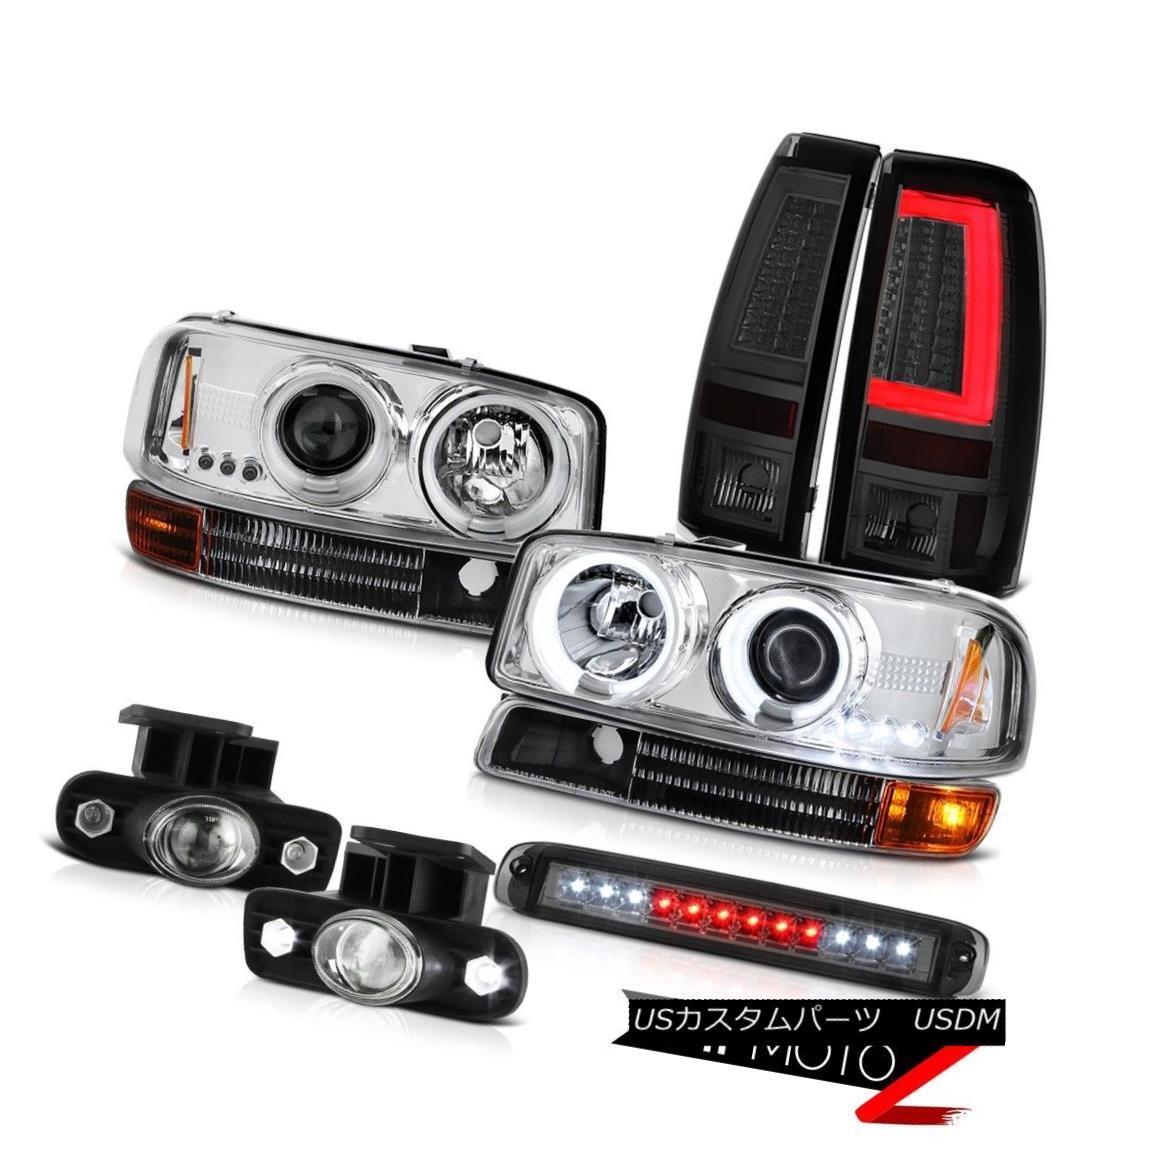 ヘッドライト 99-02 Sierra 6.0L Taillights 3RD Brake Lamp Turn Signal Foglamps CCFL Headlights 99-02 Sierra 6.0Lテールライト3RDブレーキランプターンシグナルフォグランプCCFLヘッドライト